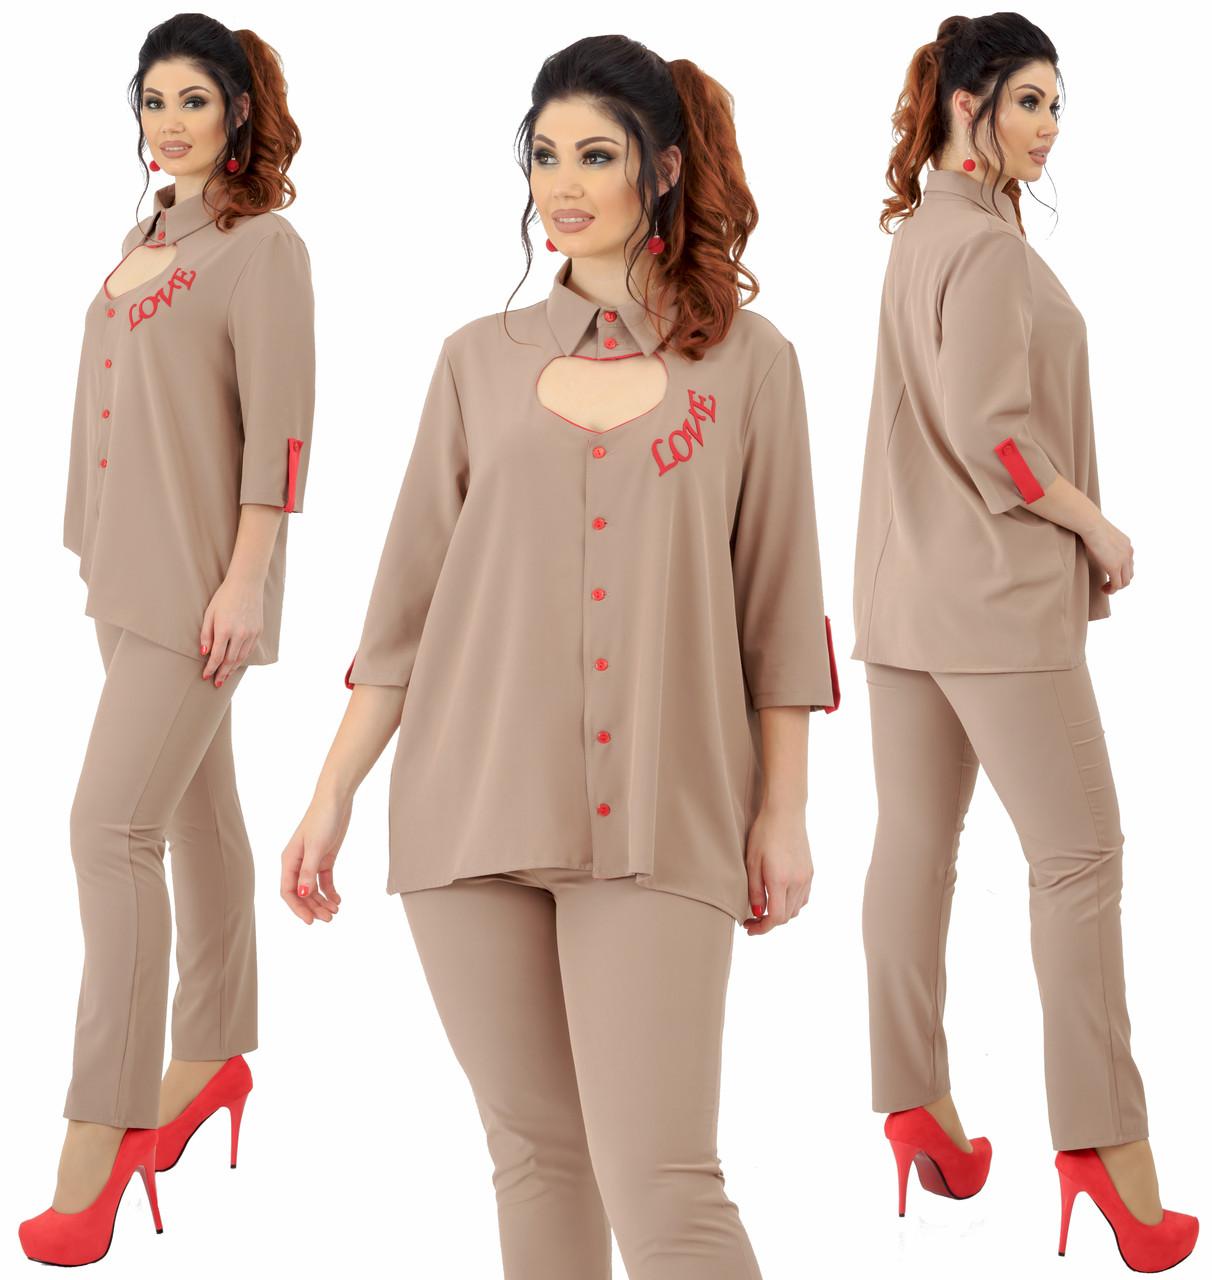 """Нарядный брючный костюм """"Комильфо"""" большие размеры от 48 до 54 блузка с сердцем и брюки    код 92/9027"""